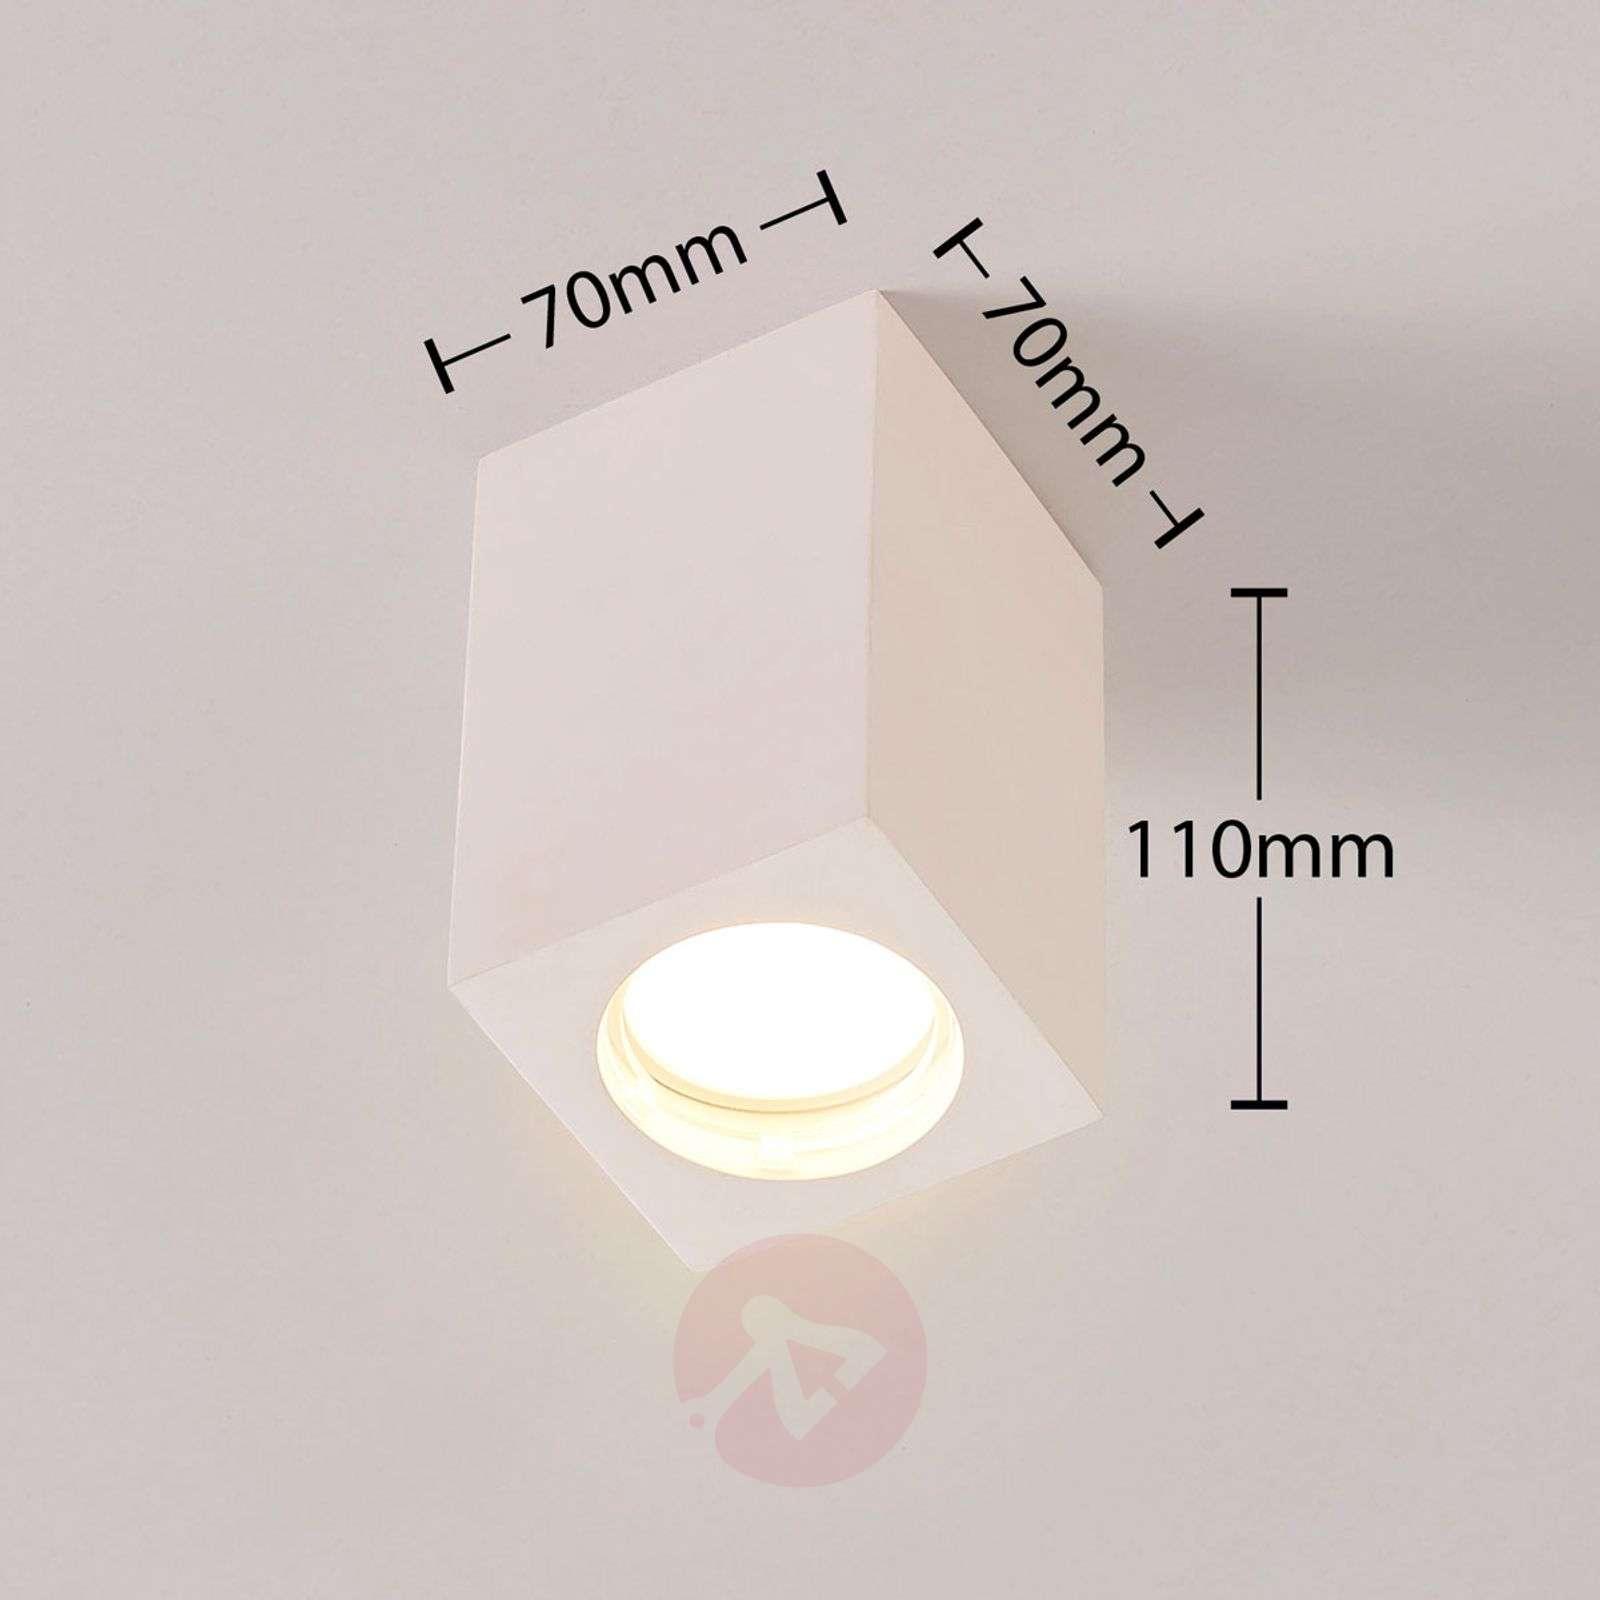 Valkoinen LED-downlight Fritzi, Easydim-tekniikka-9621325-012